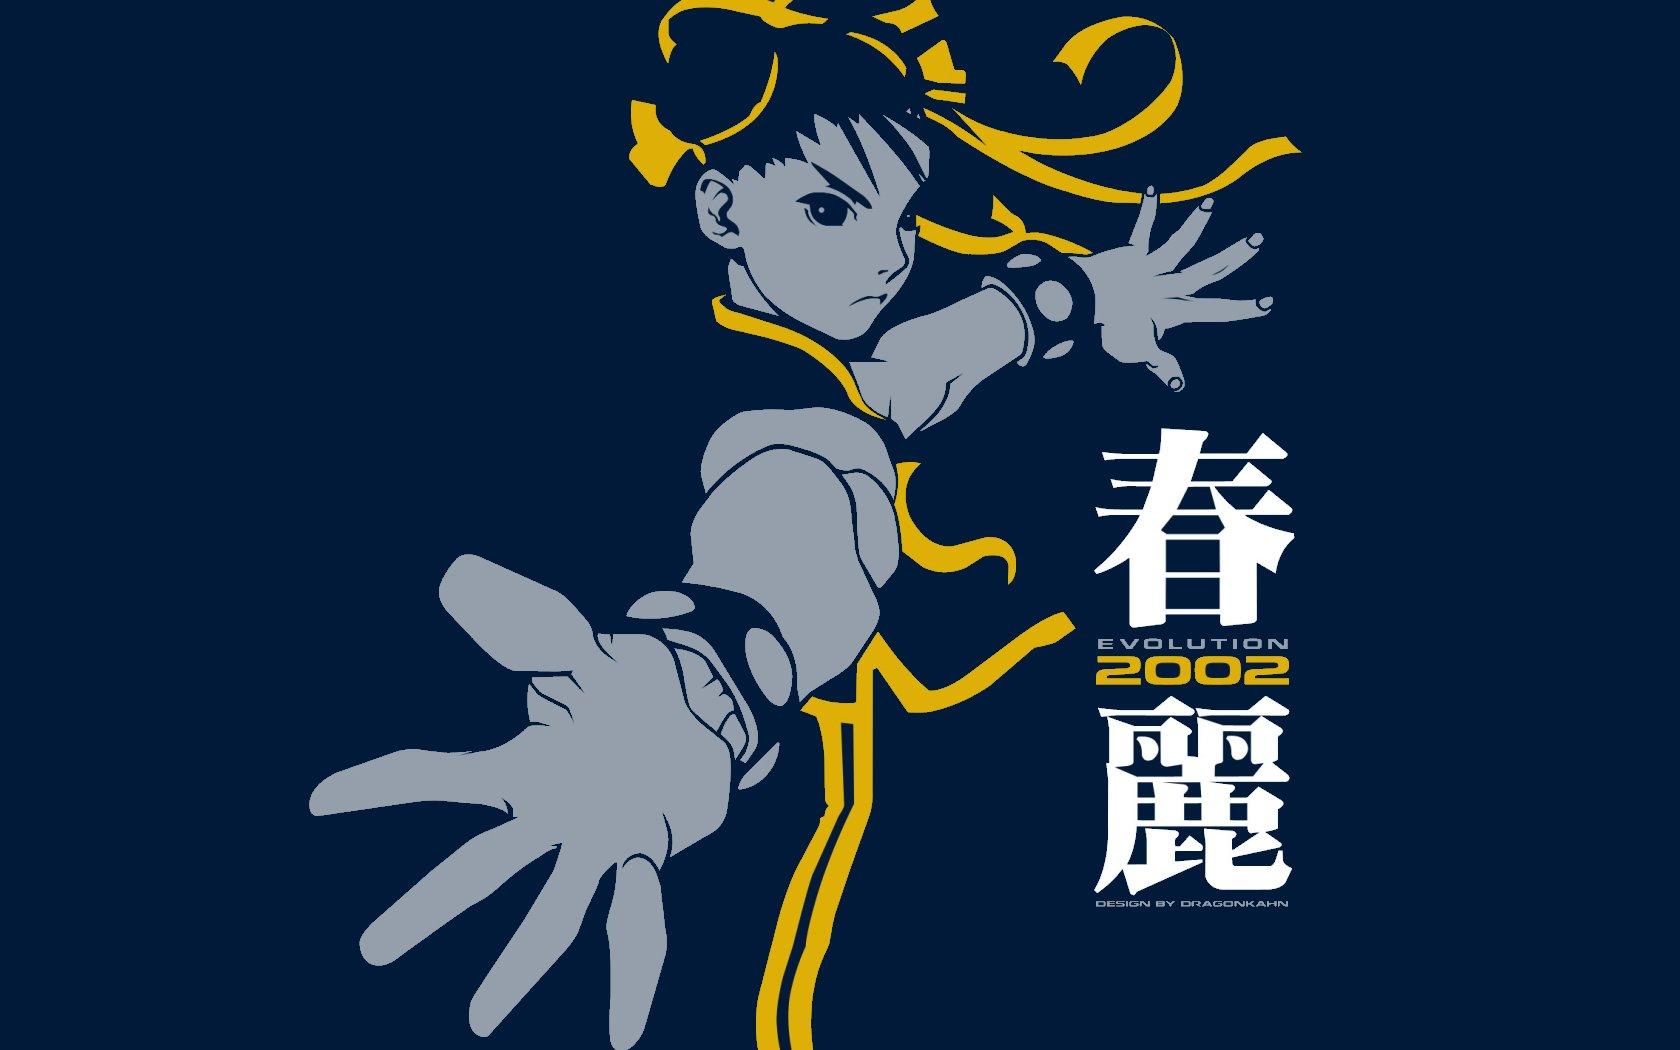 Street Fighter Stencil Chun Li Wallpaper 1680x1050 338111